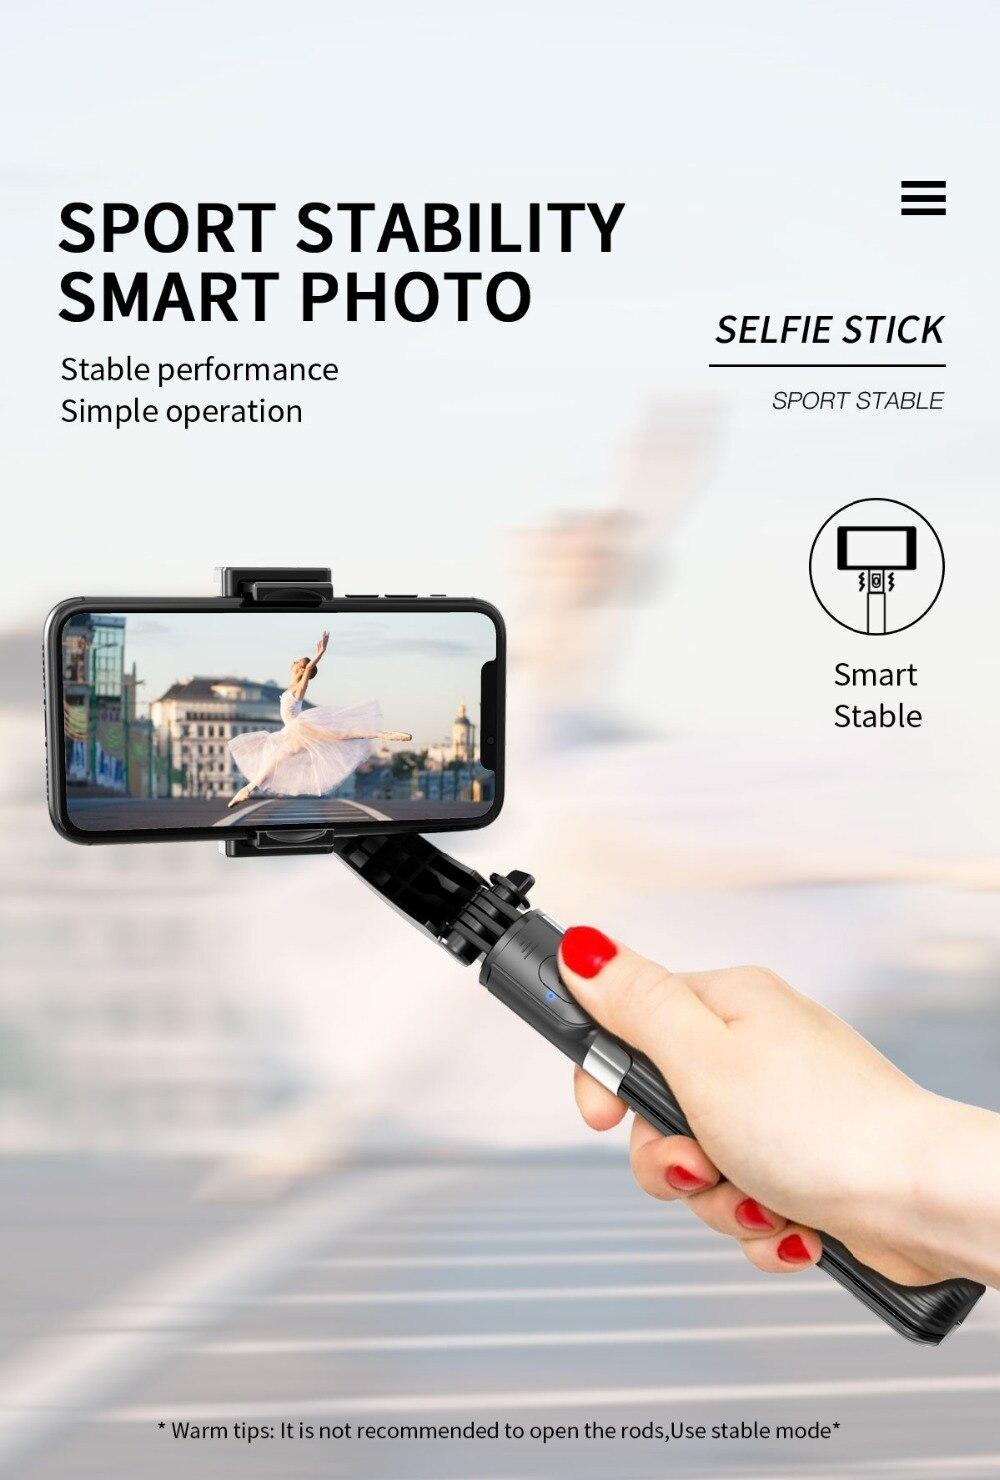 SHISUO L08 3 en 1 estabilizador de mano Selfie Stick trípode con soporte  remoto Selfie soporte para Teléfonos/Xiaomi/Huawei Mini trípodes|palos de  selfie| - AliExpress